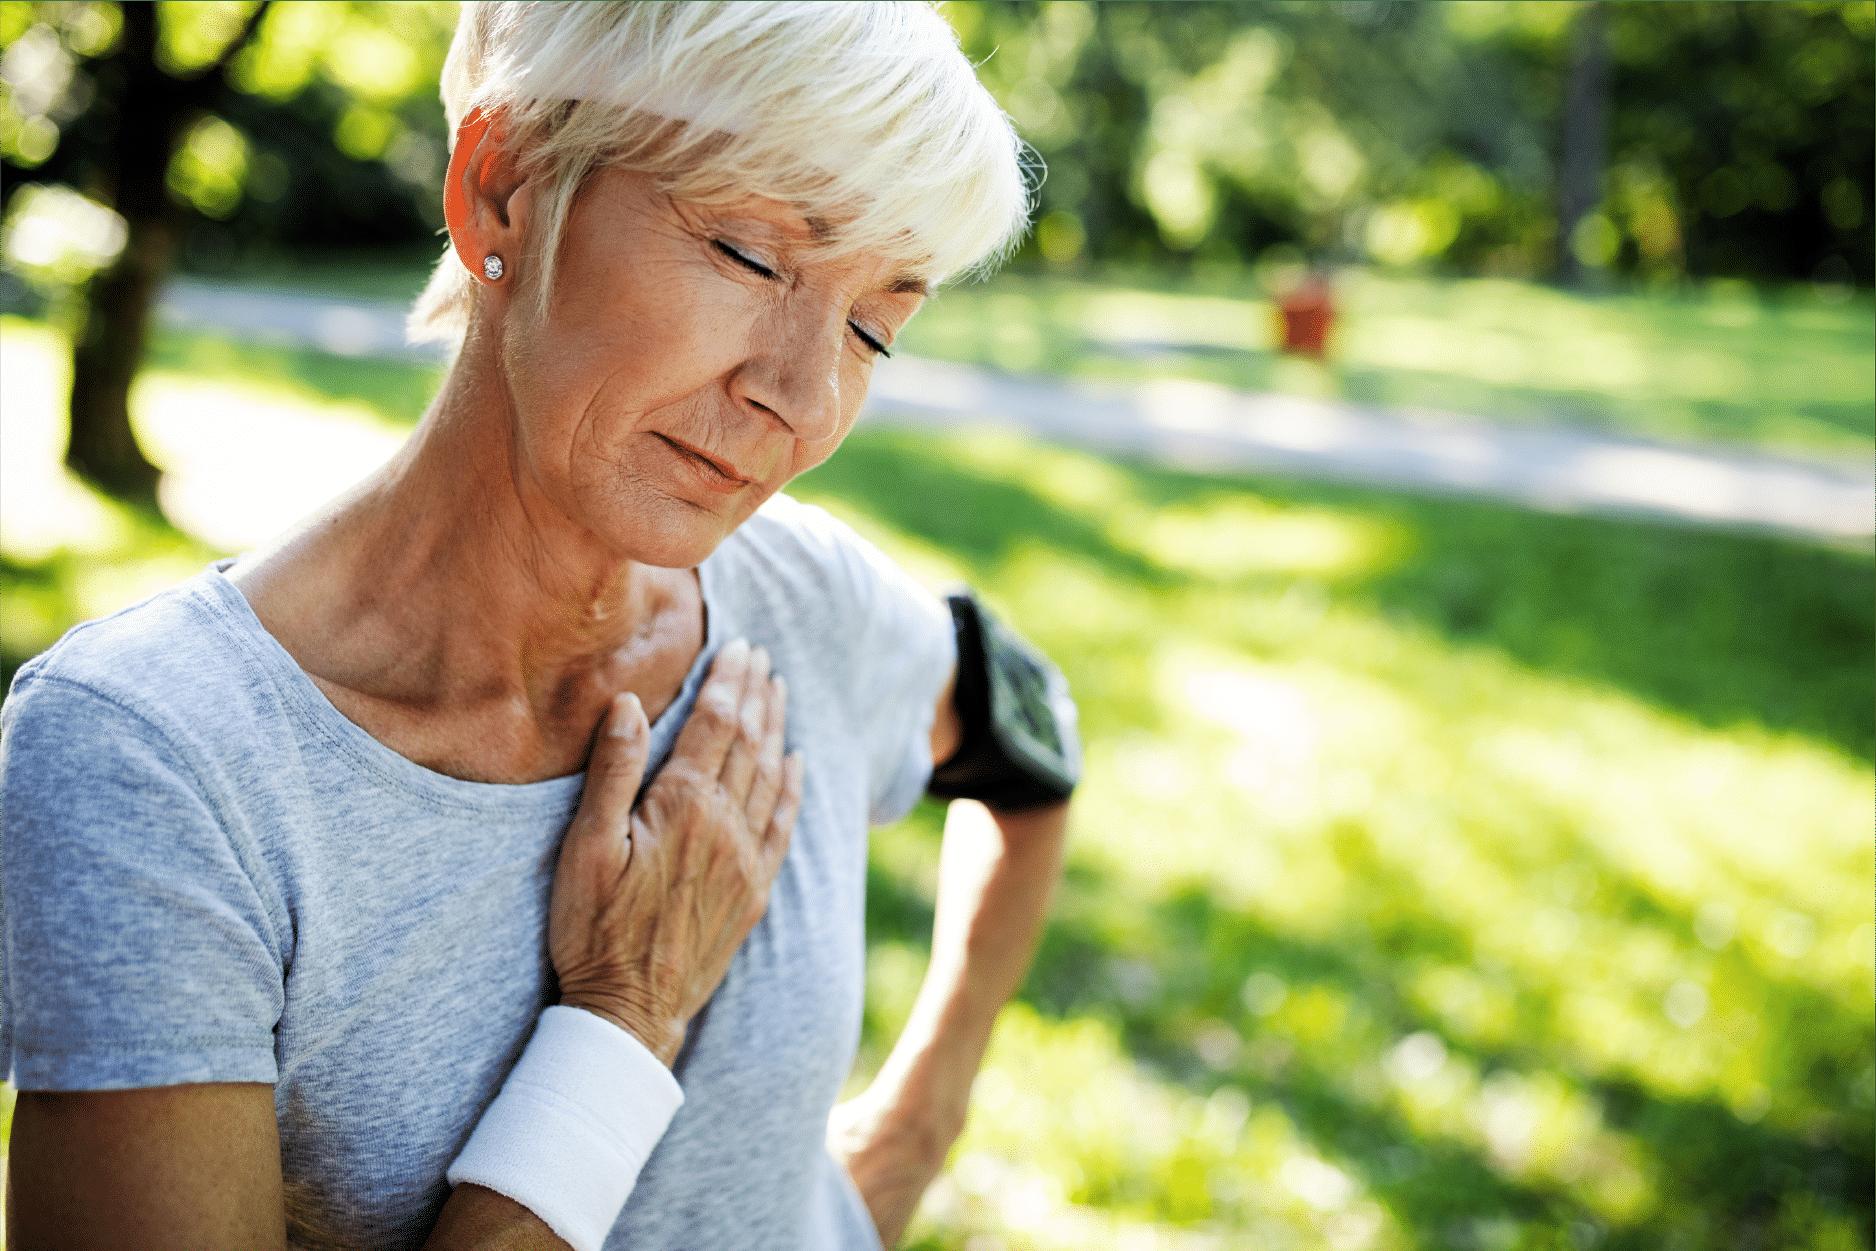 Older women having chest pains